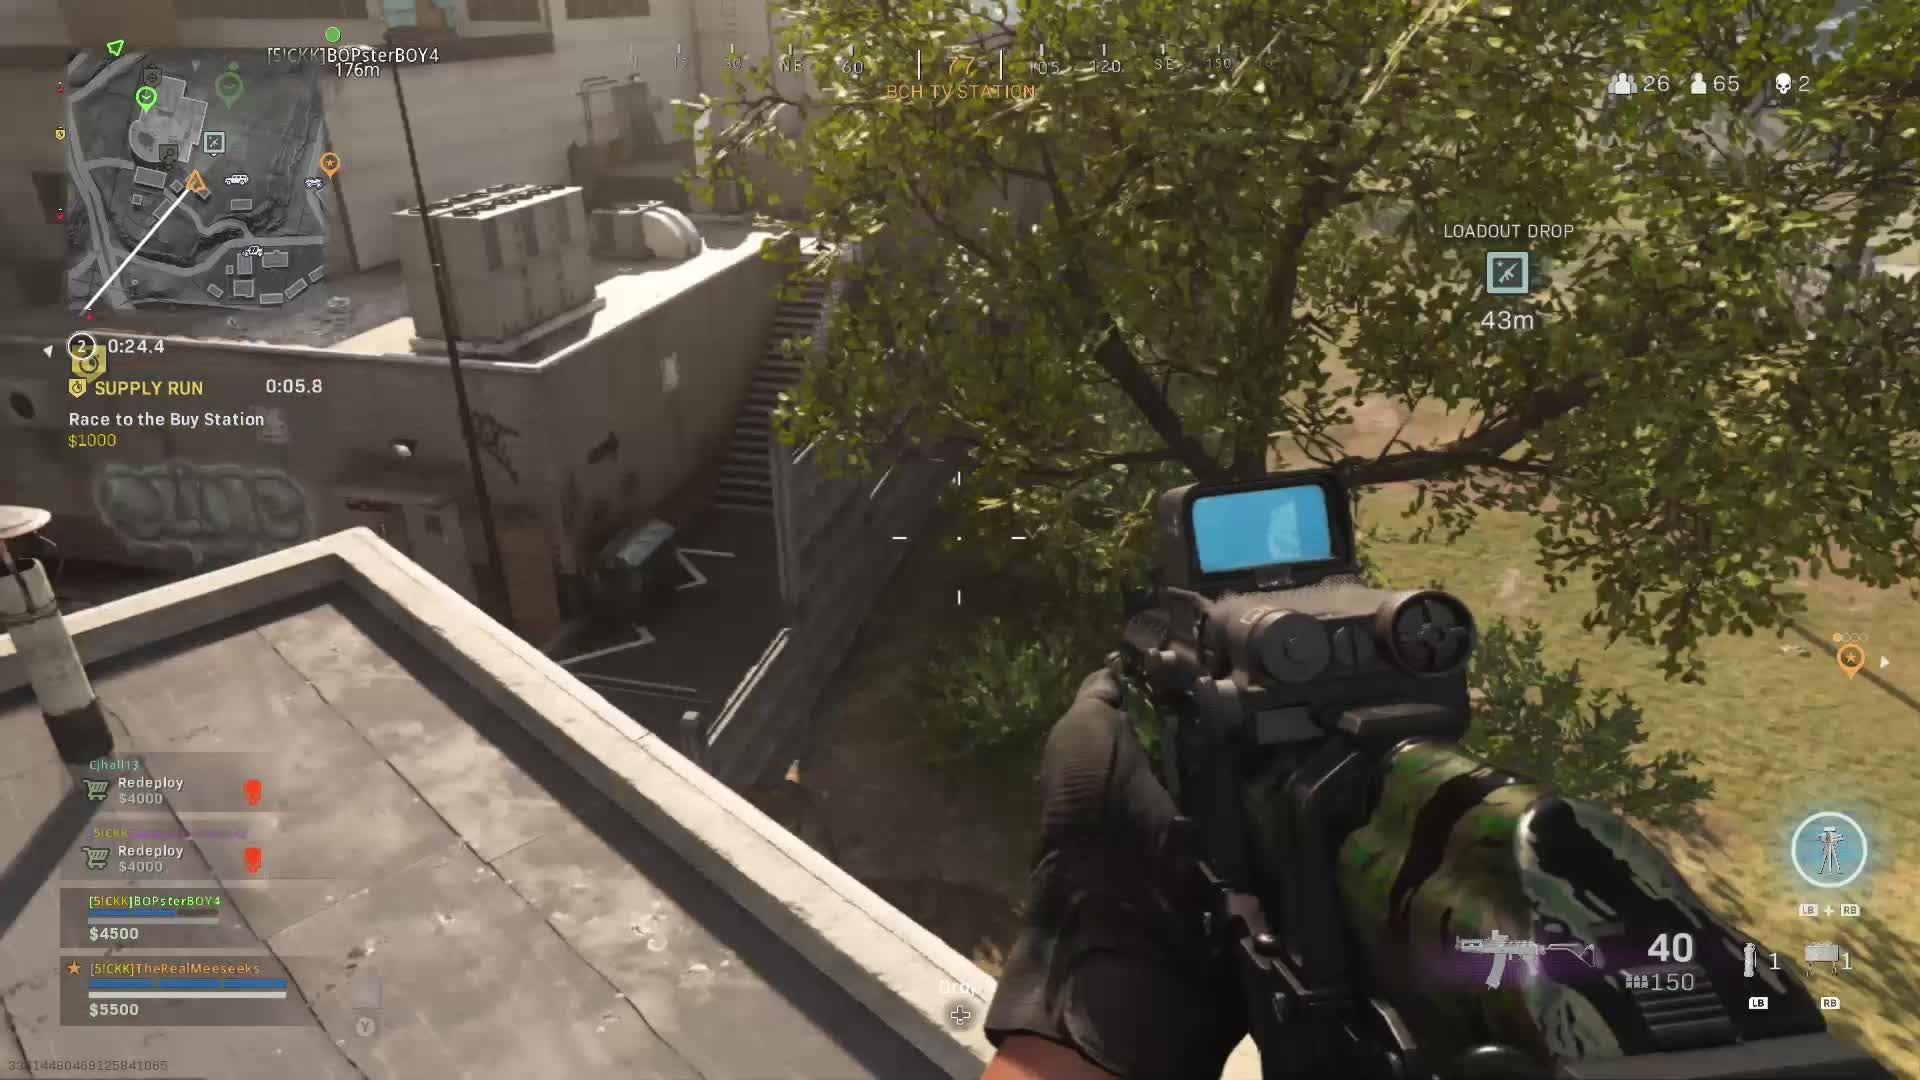 Call of Duty: General - Clutch Trio wipe! Grau 🤙 video cover image 0